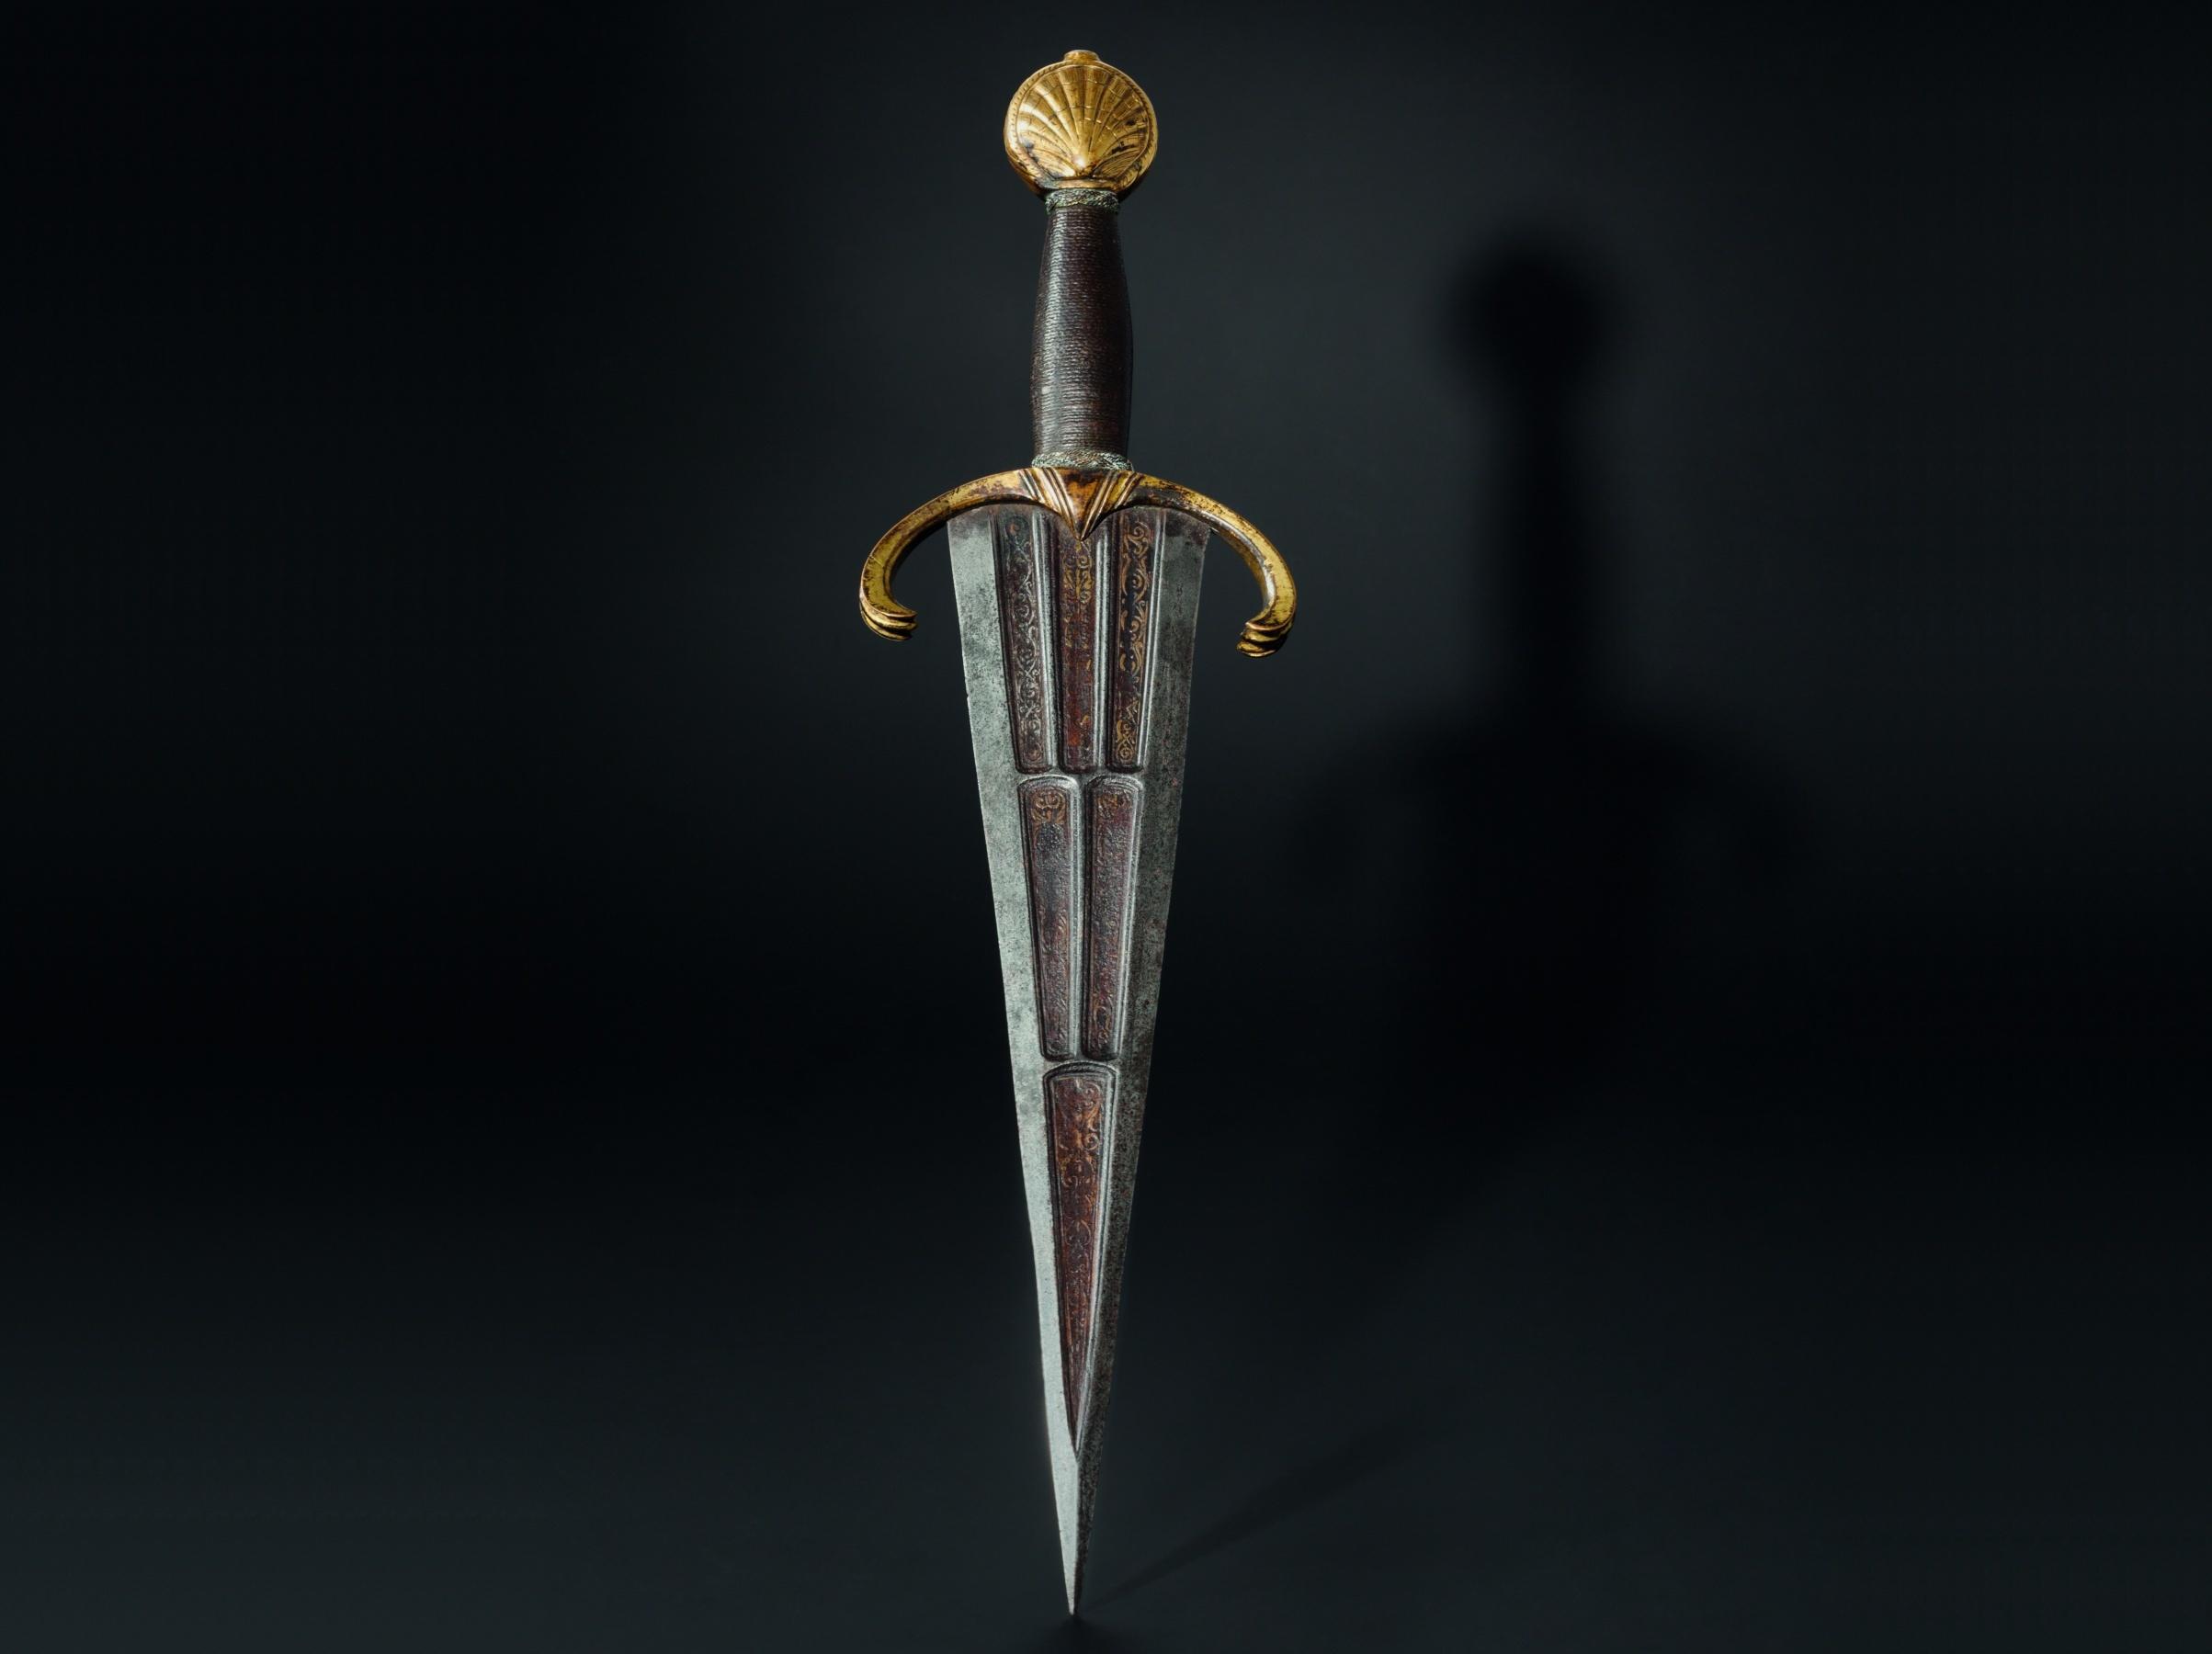 Dague de luxe, Haute-Italie, vraisemblablement Ferrare vers 1500/1510